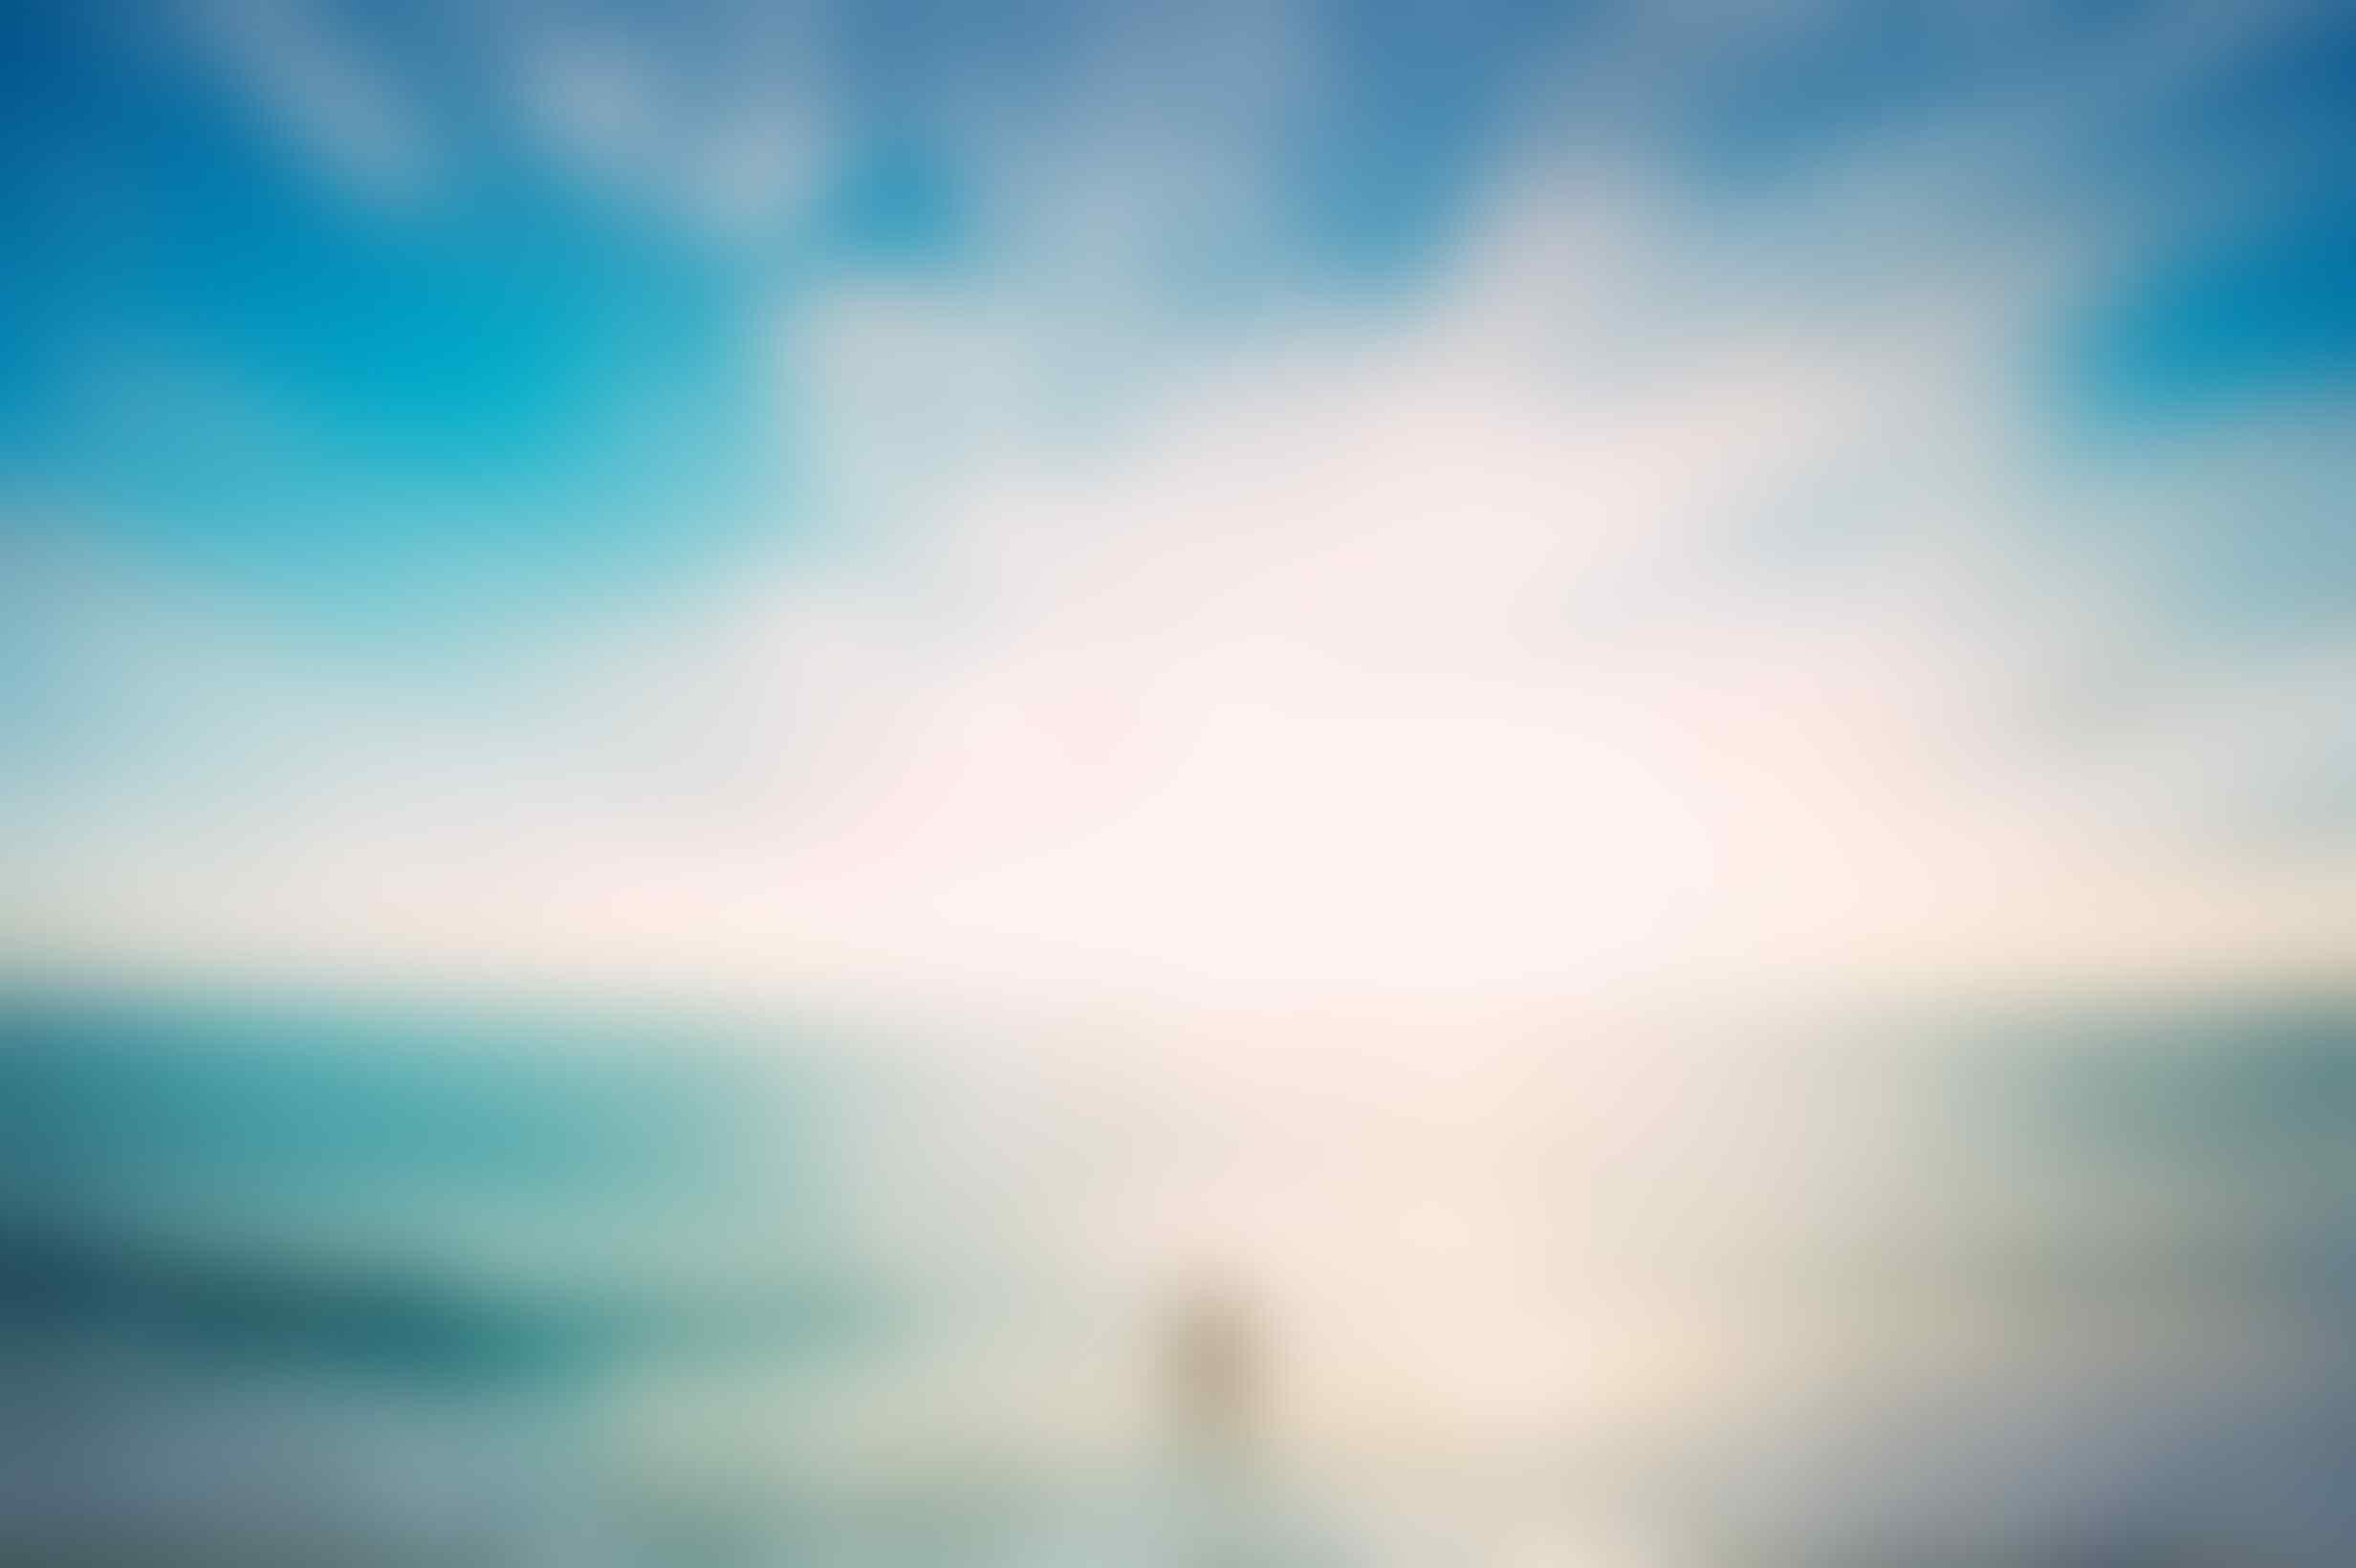 15 Quote Menggugah Jiwa dalam Novel Bumi Manusia Karya Pramoedya